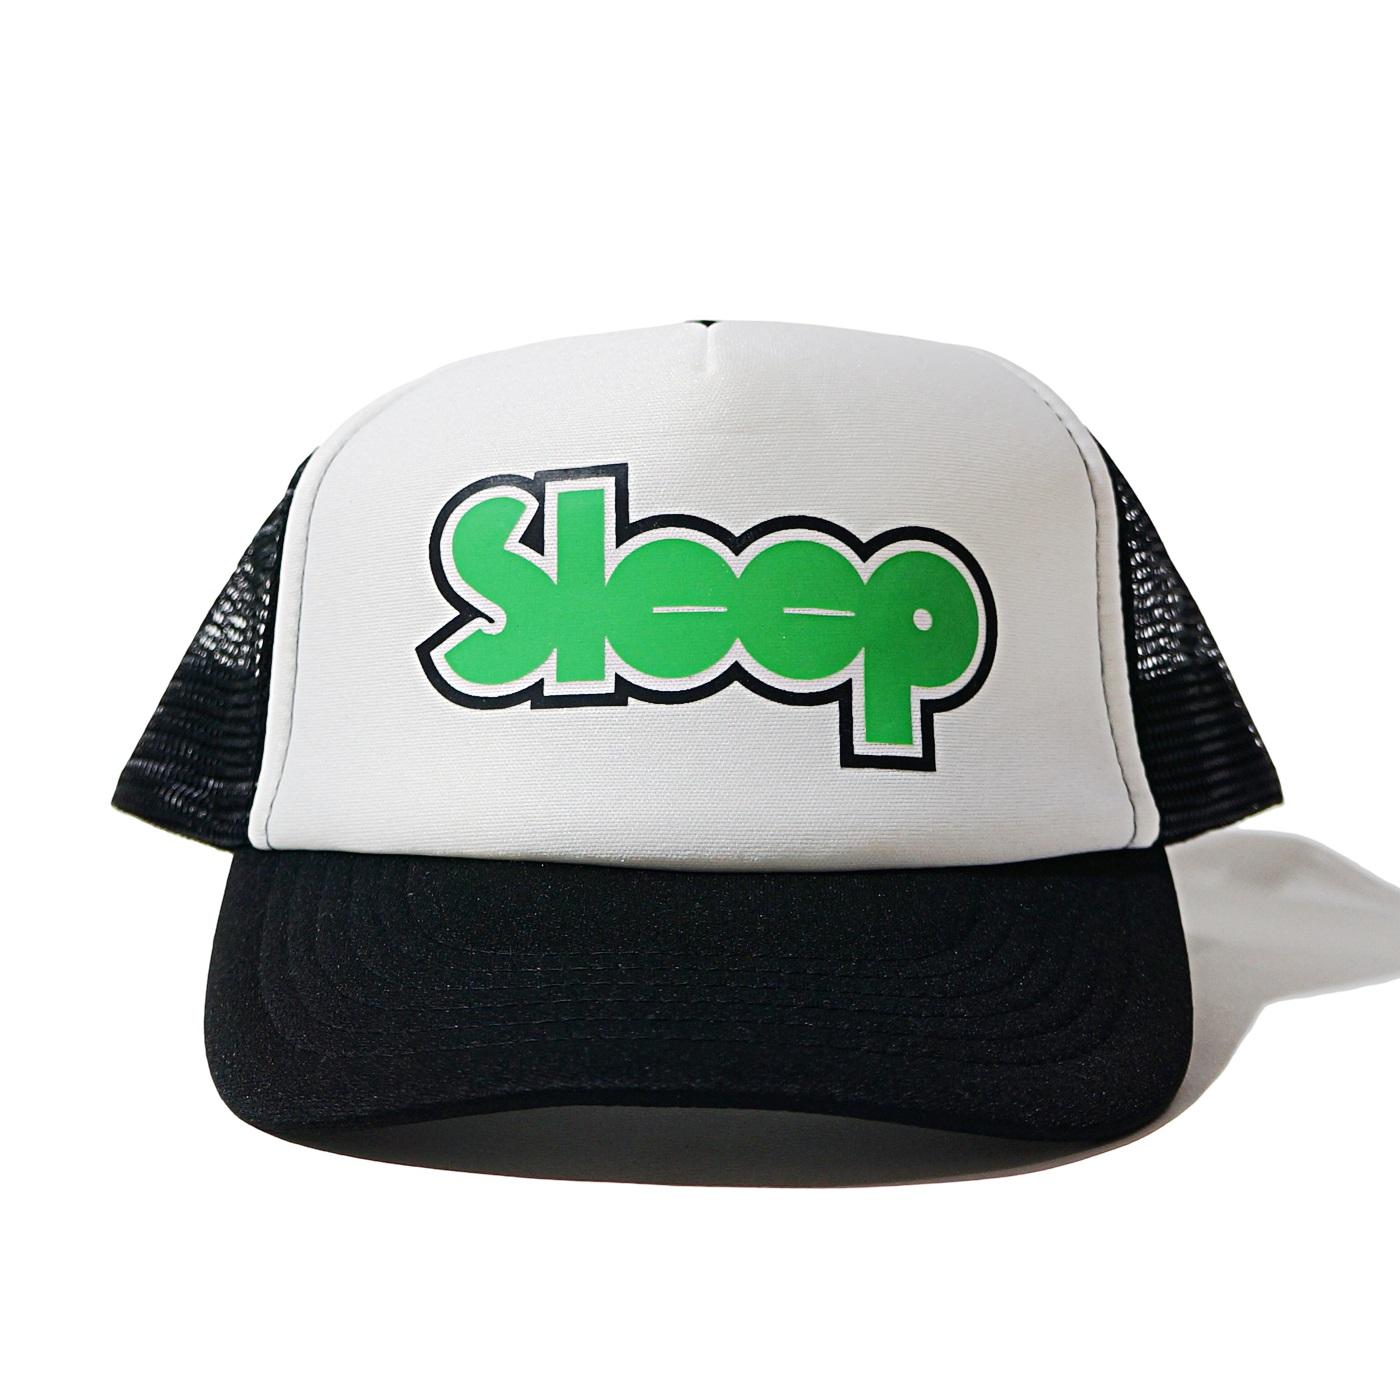 SLEEP メッシュキャップ Logo-Black